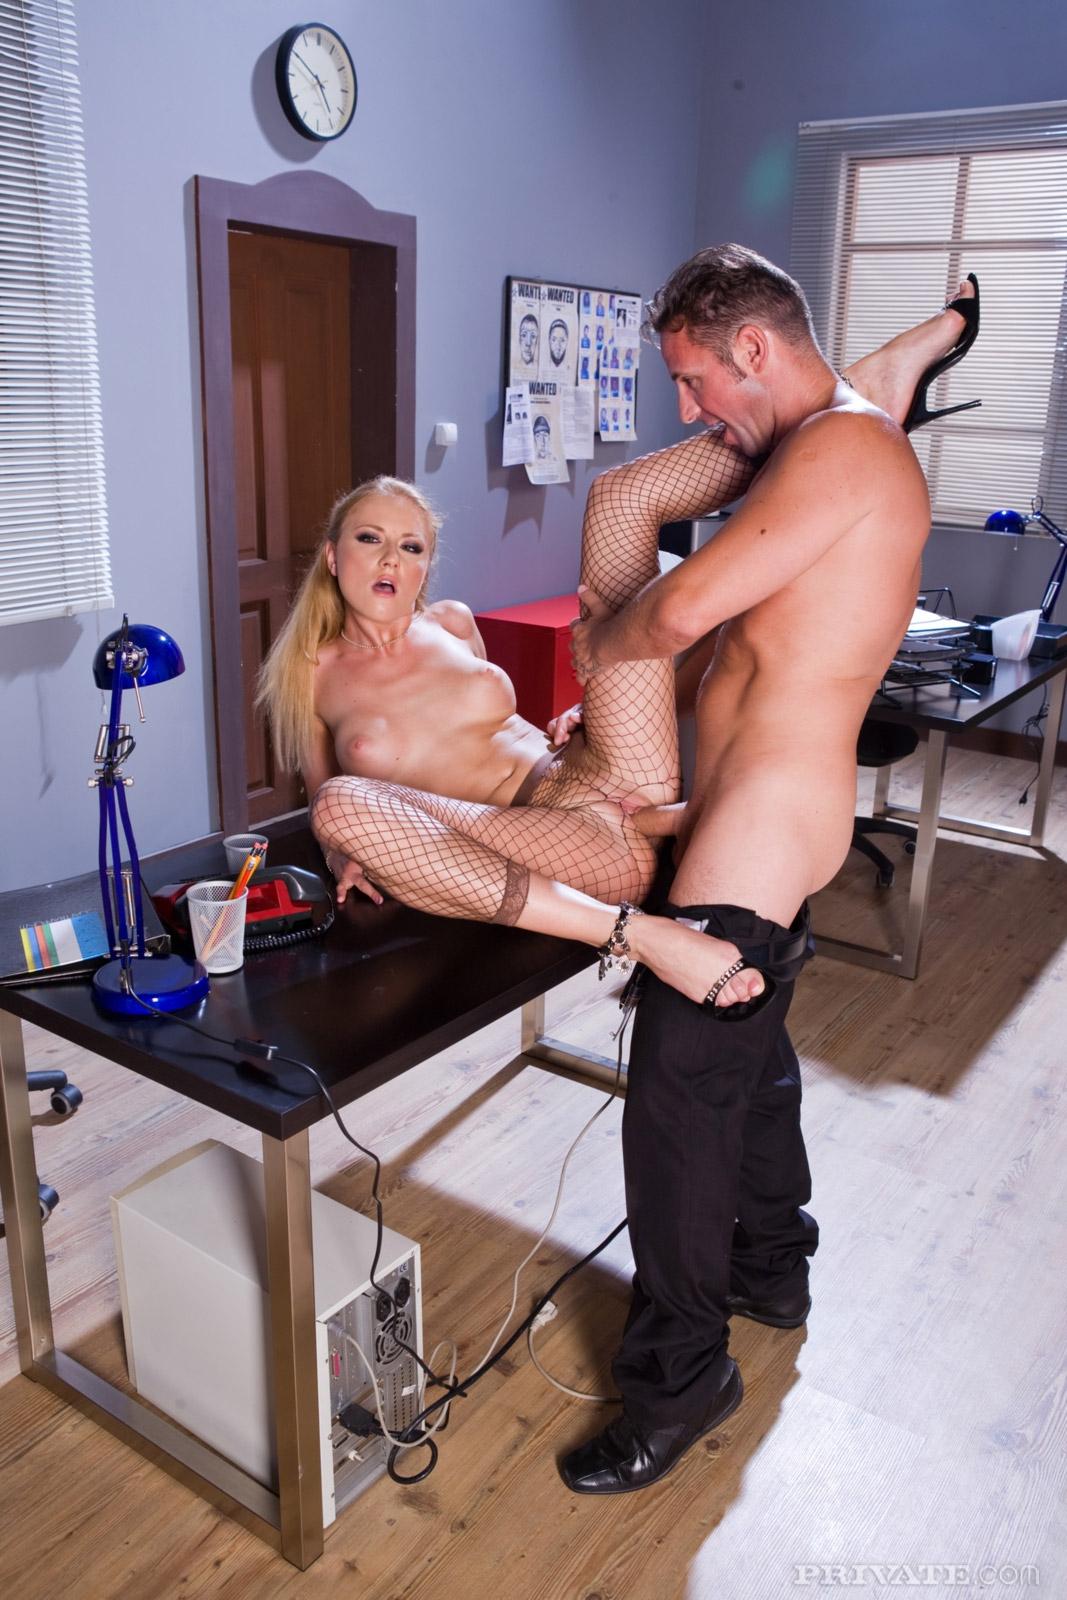 уже давно все игры послушный секс с секретаршей заметили